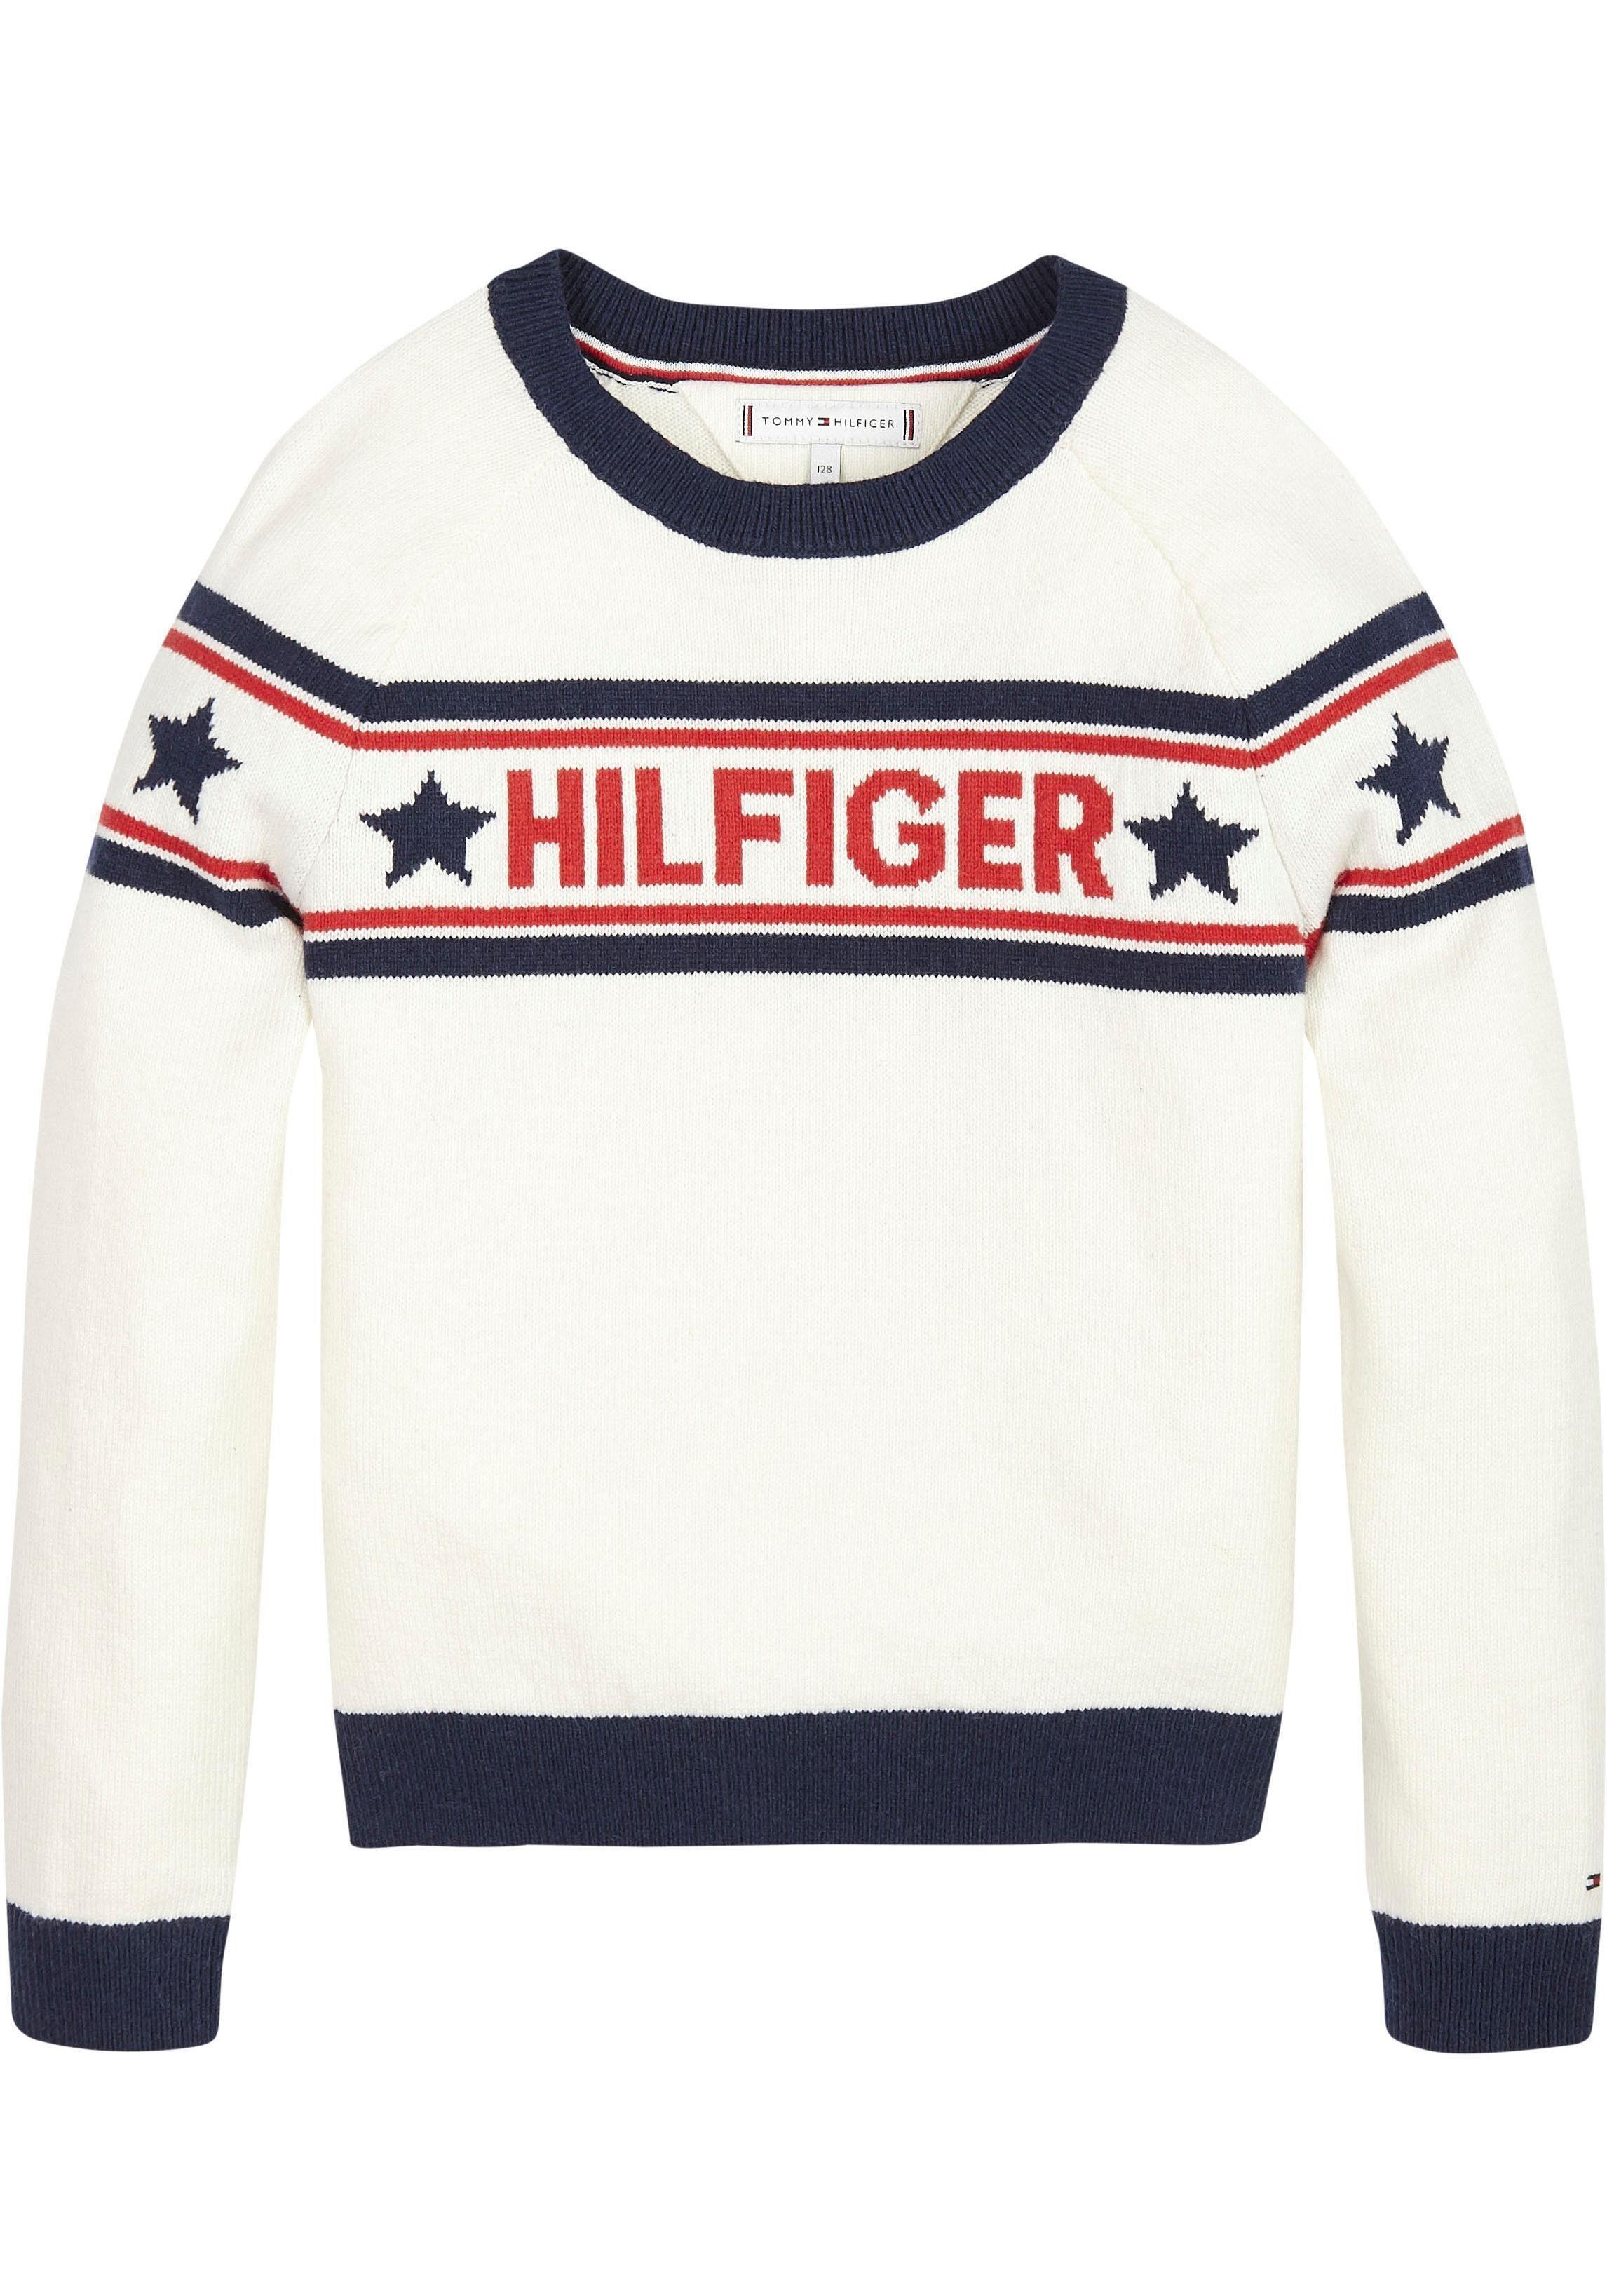 TOMMY HILFIGER Strickpullover »ESSENTIAL HILFIGER STAR« online kaufen | OTTO